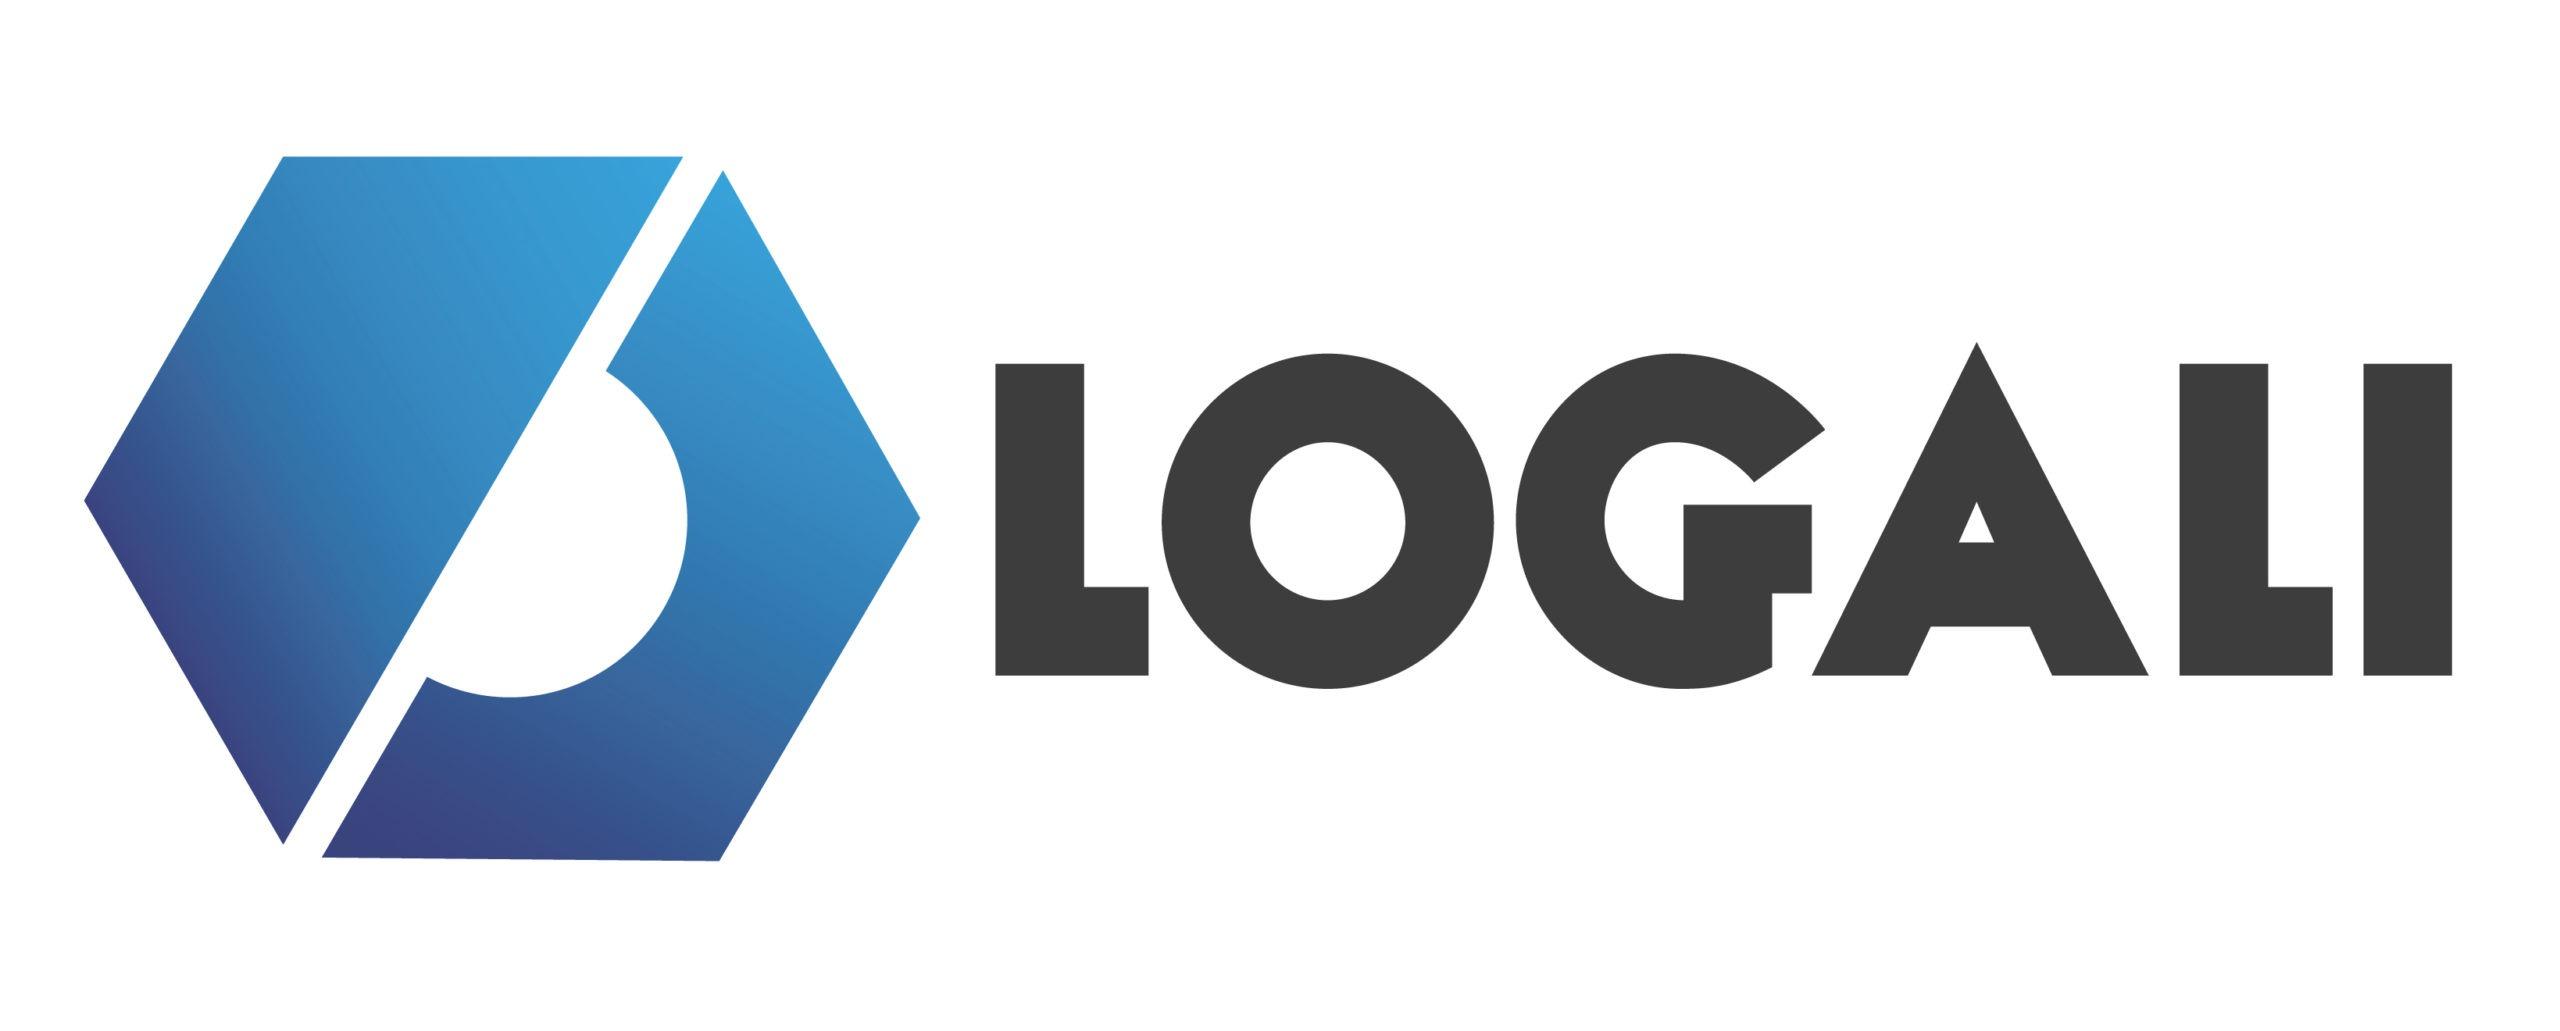 LOGALI HORIZONTAL CLASICO RGB JPEG scaled